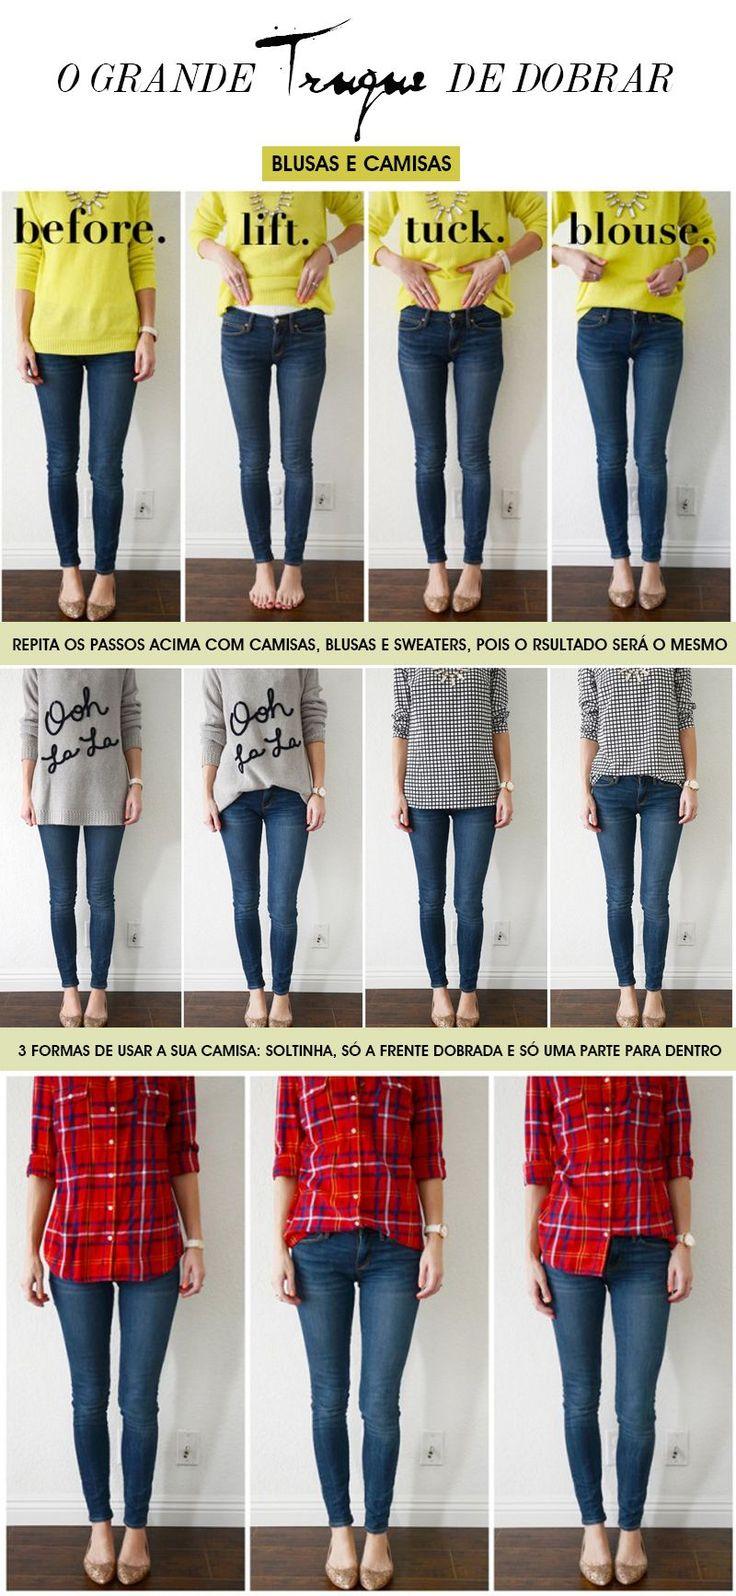 Truque fashion com camisa, blusas e sweaters www.meninait.com